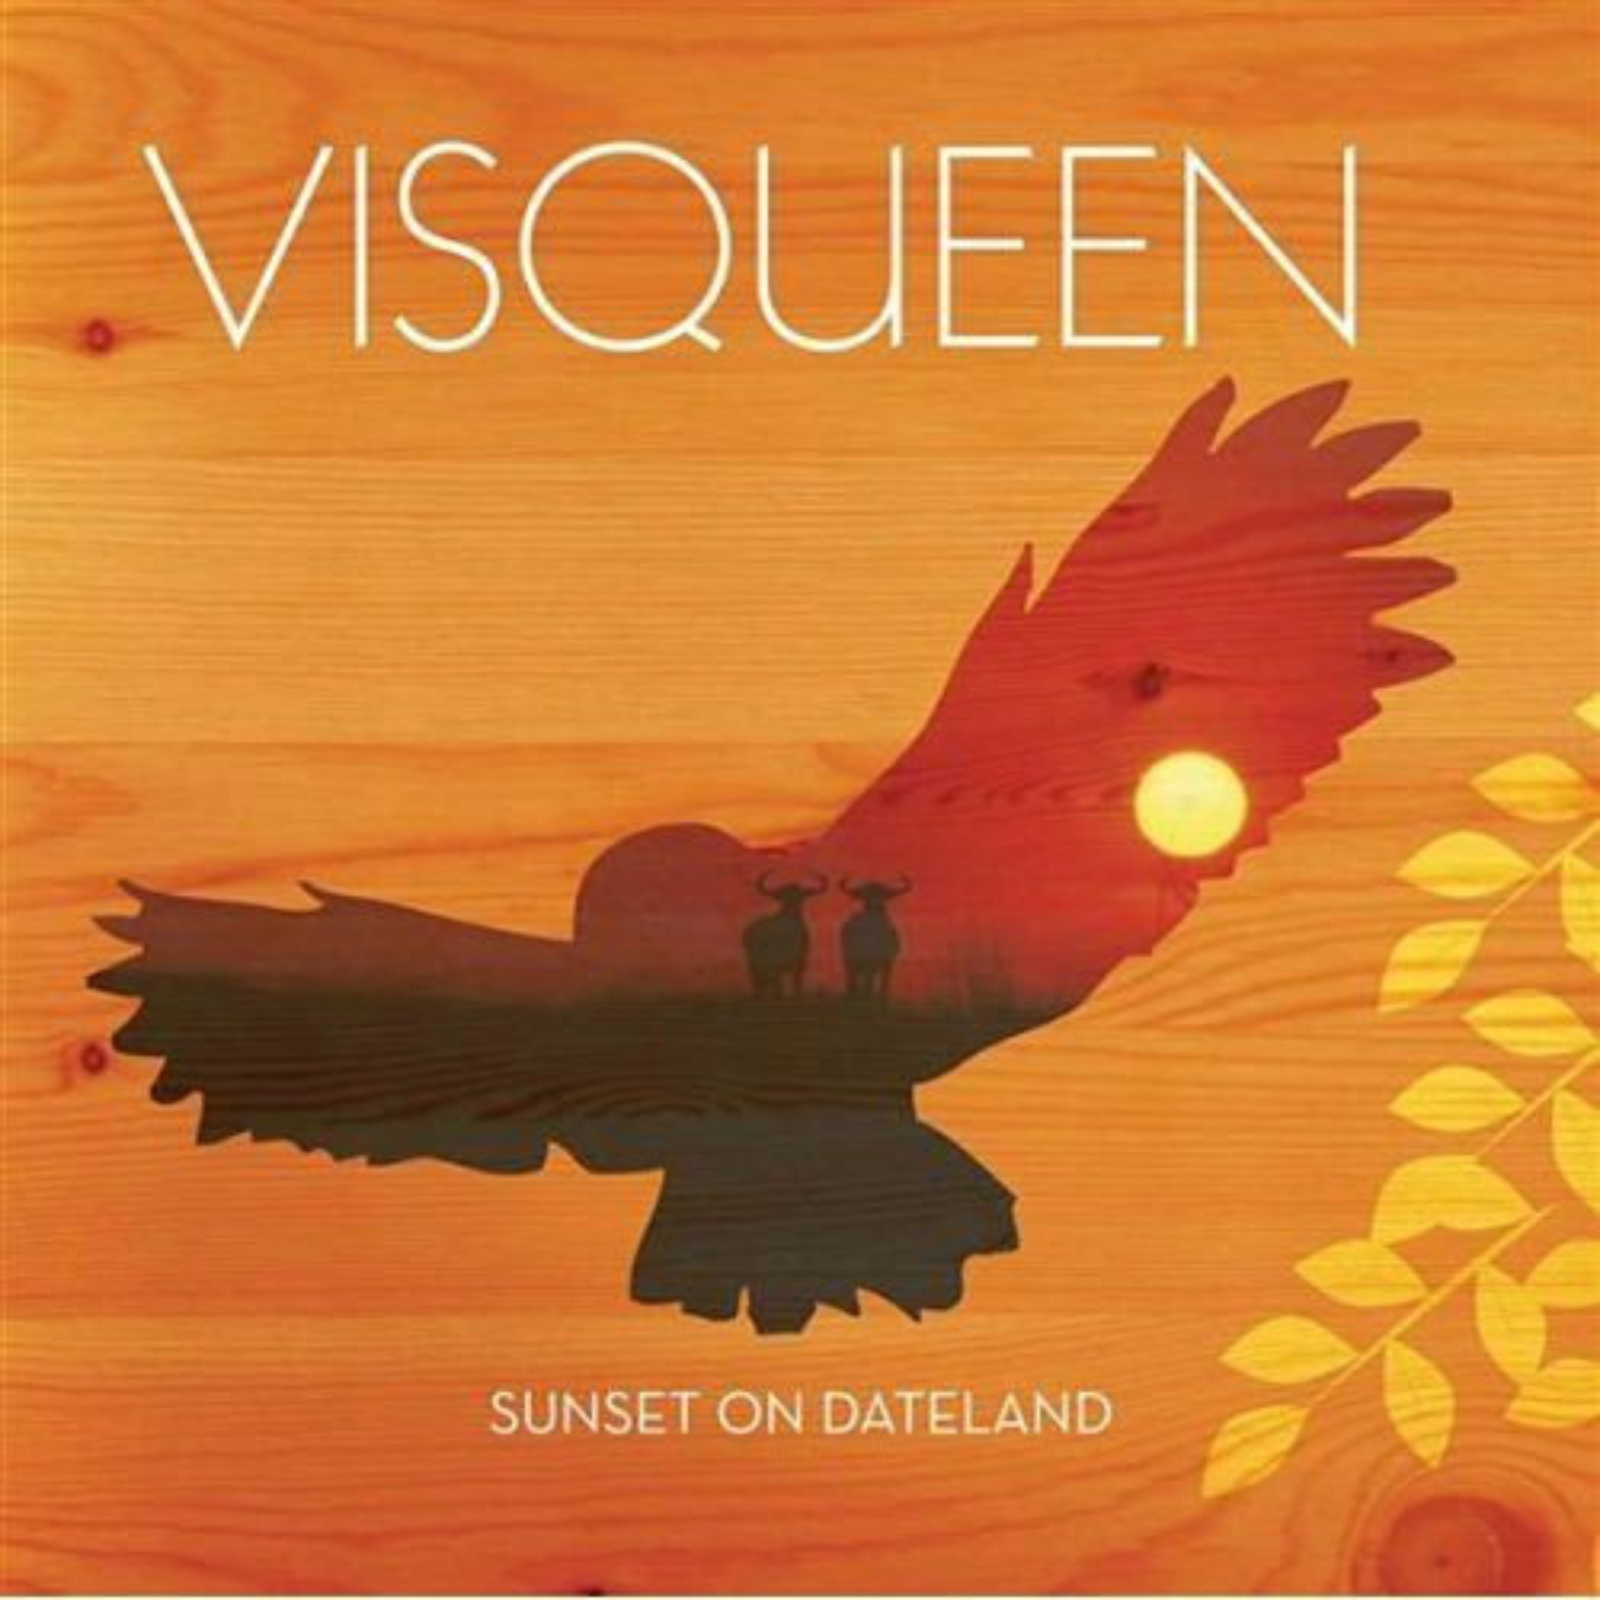 Sunset On Dateland by Visqueen